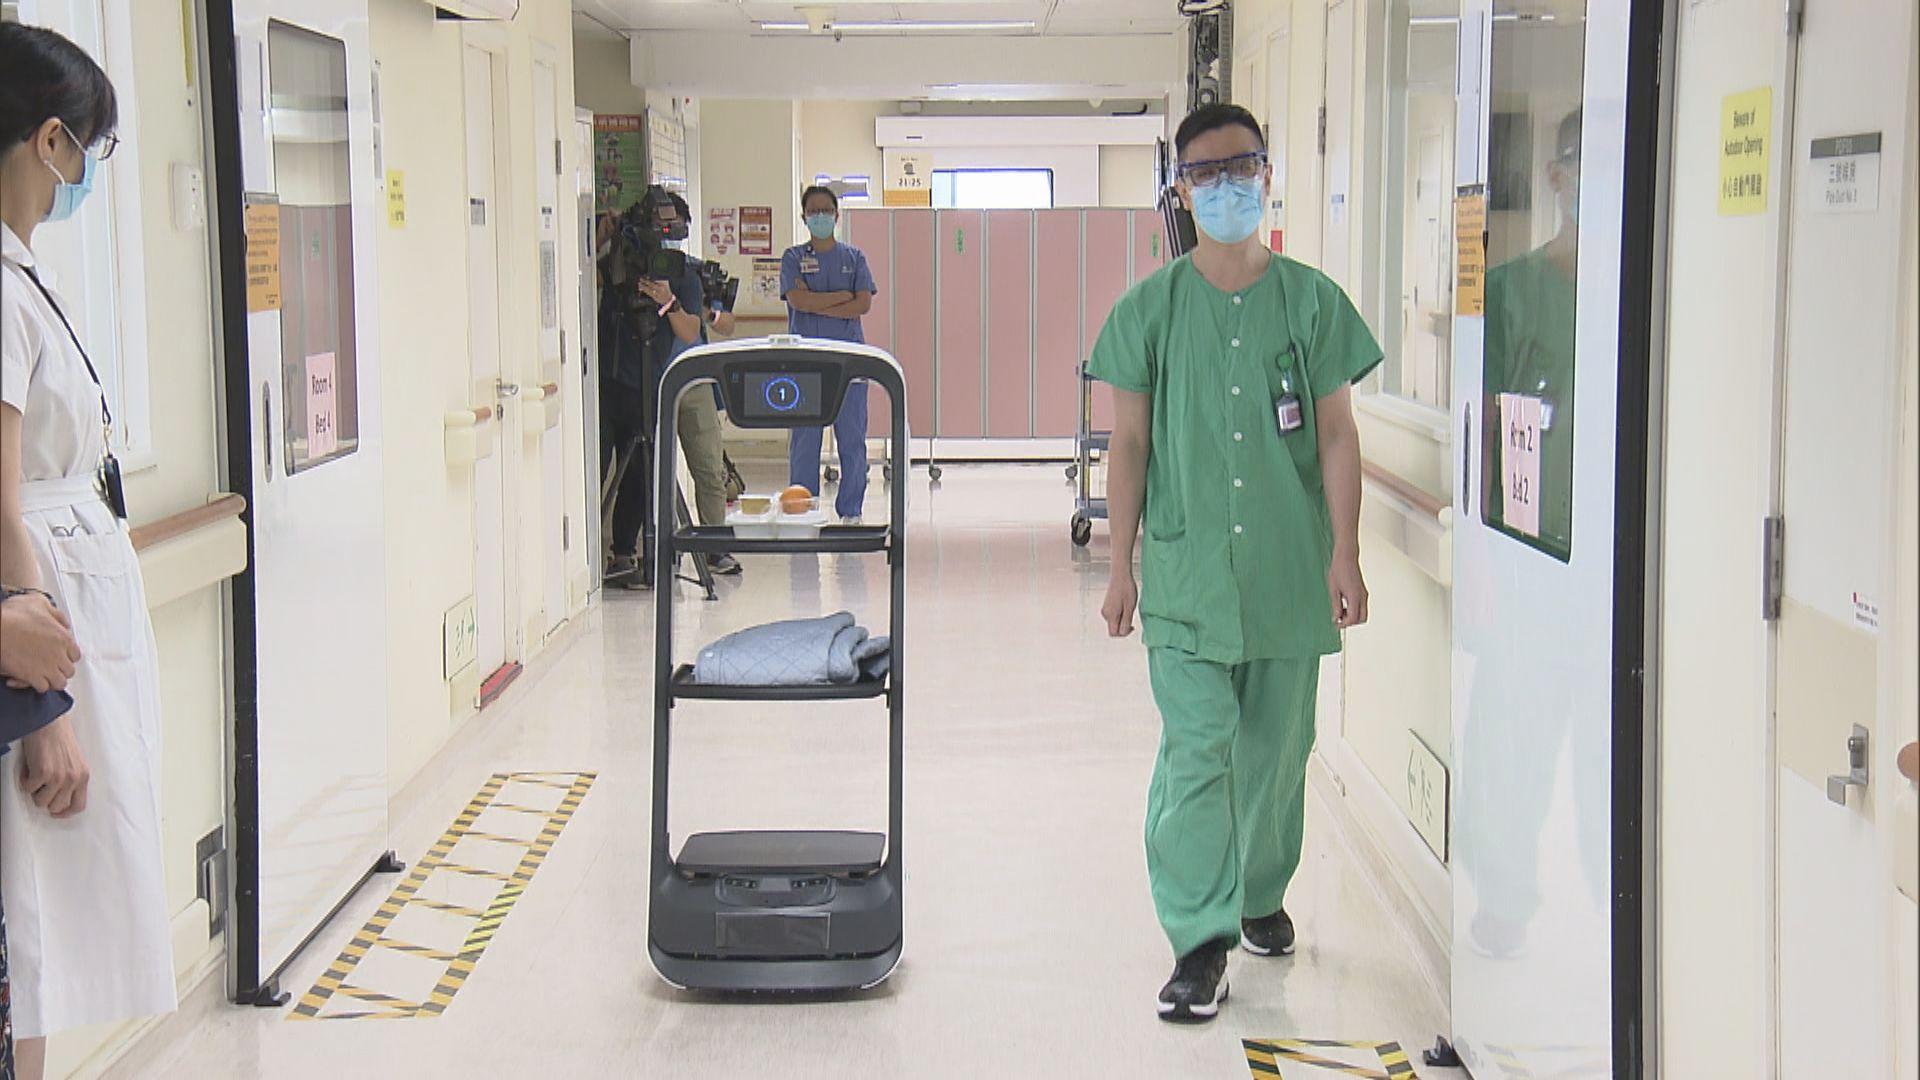 【好幫手】醫院隔離病房試用機械人運送病人物資